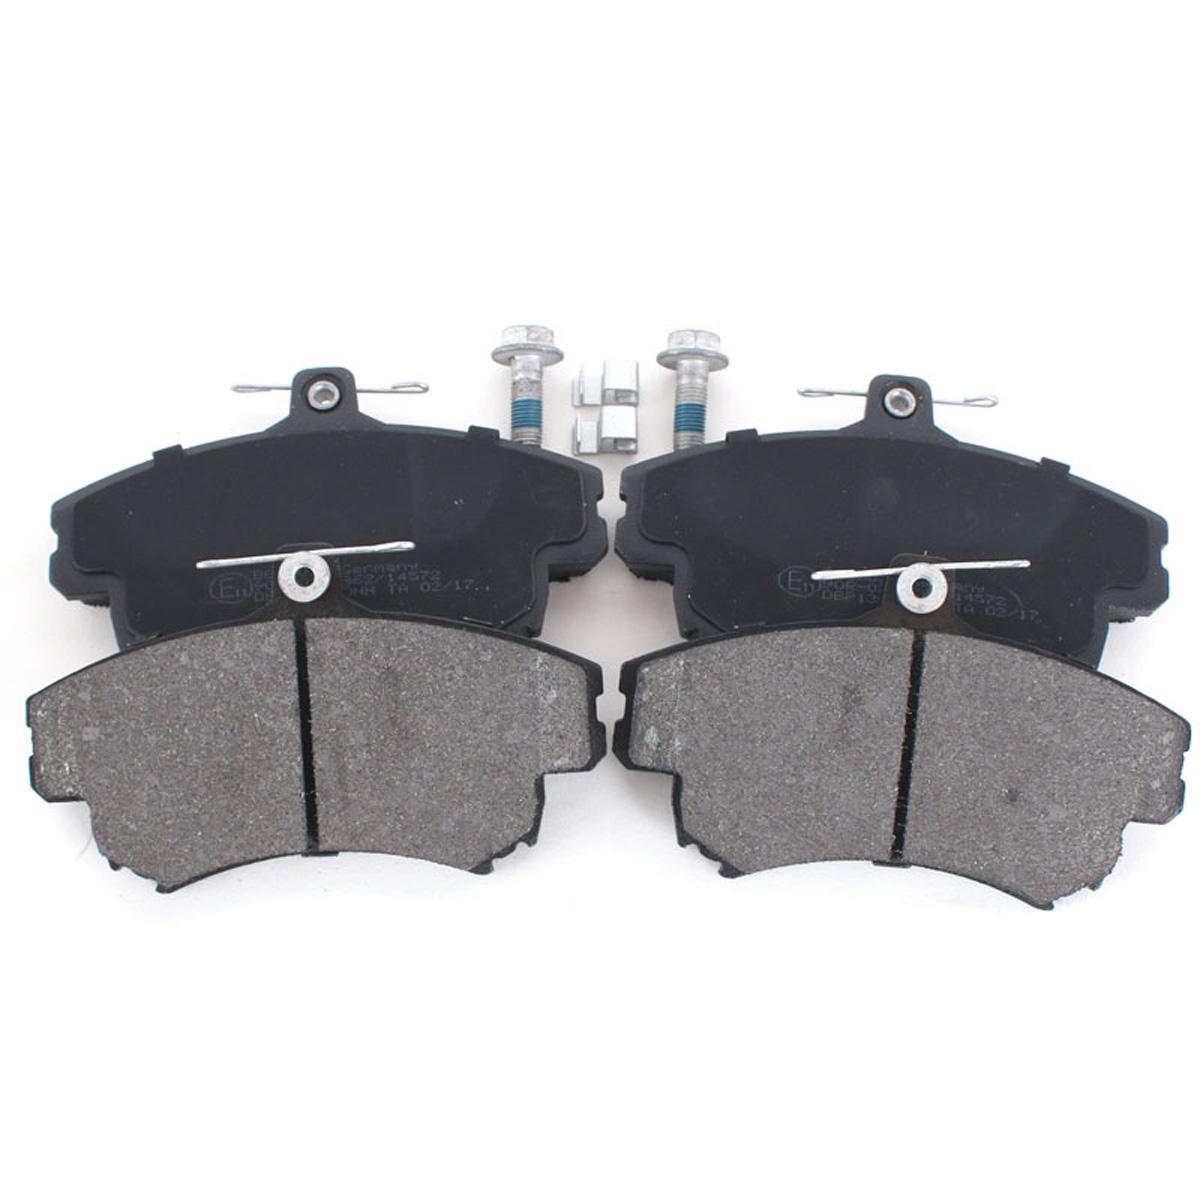 Bremsbelagsatz Scheibenbremse Vorderachse für Mitsubishi Volvo BB08035